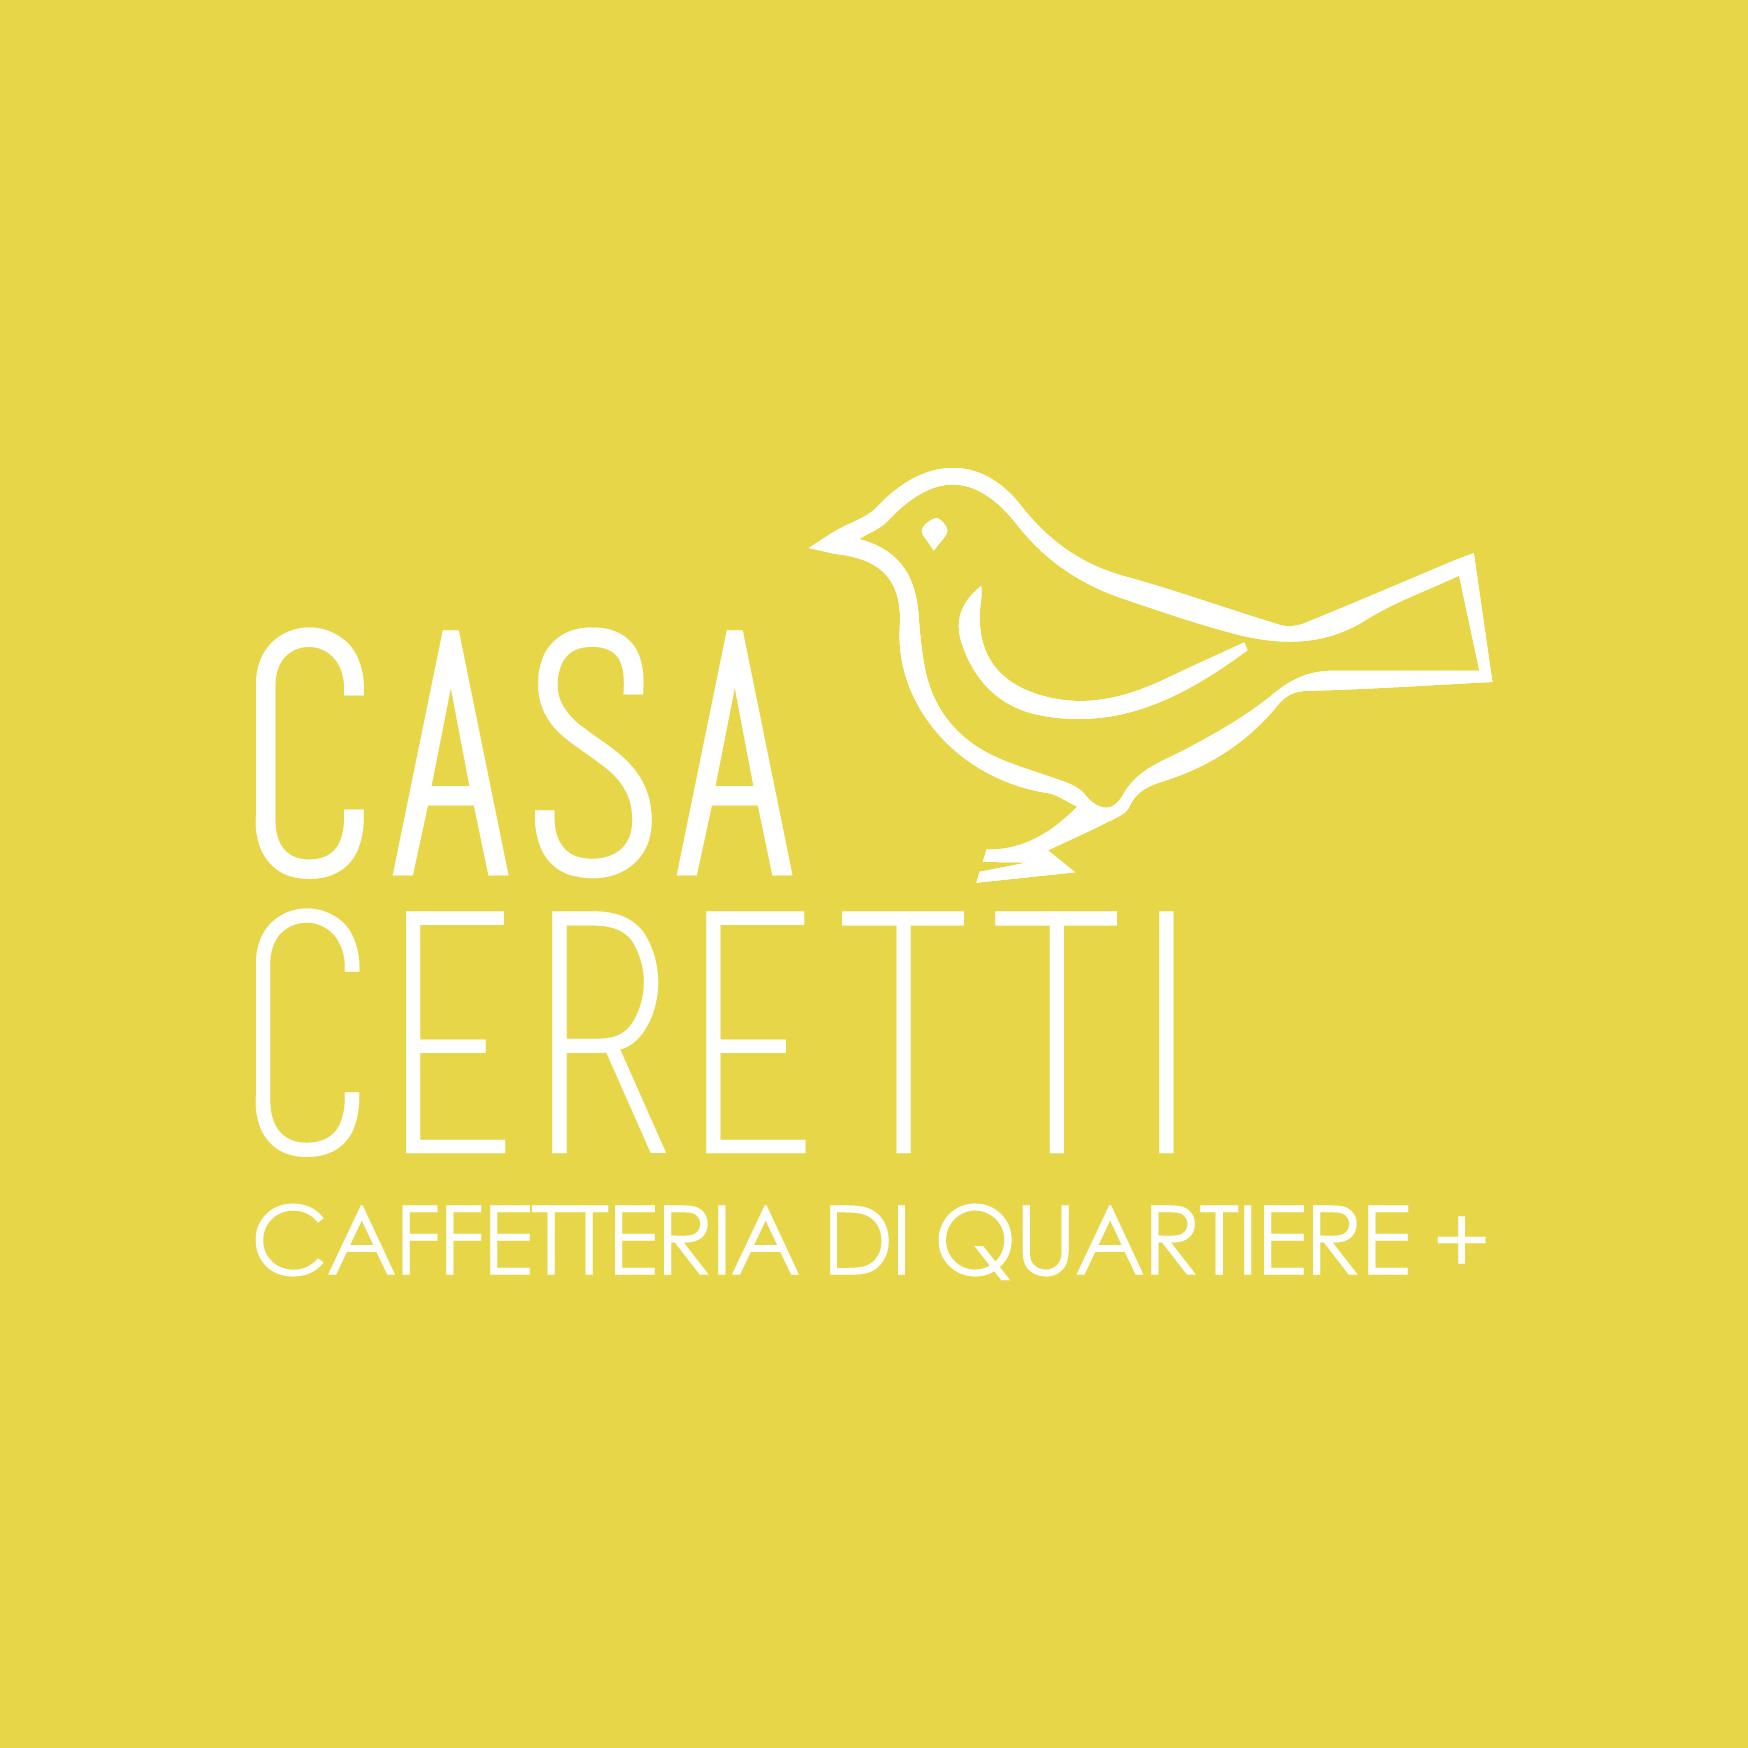 Casa Ceretti